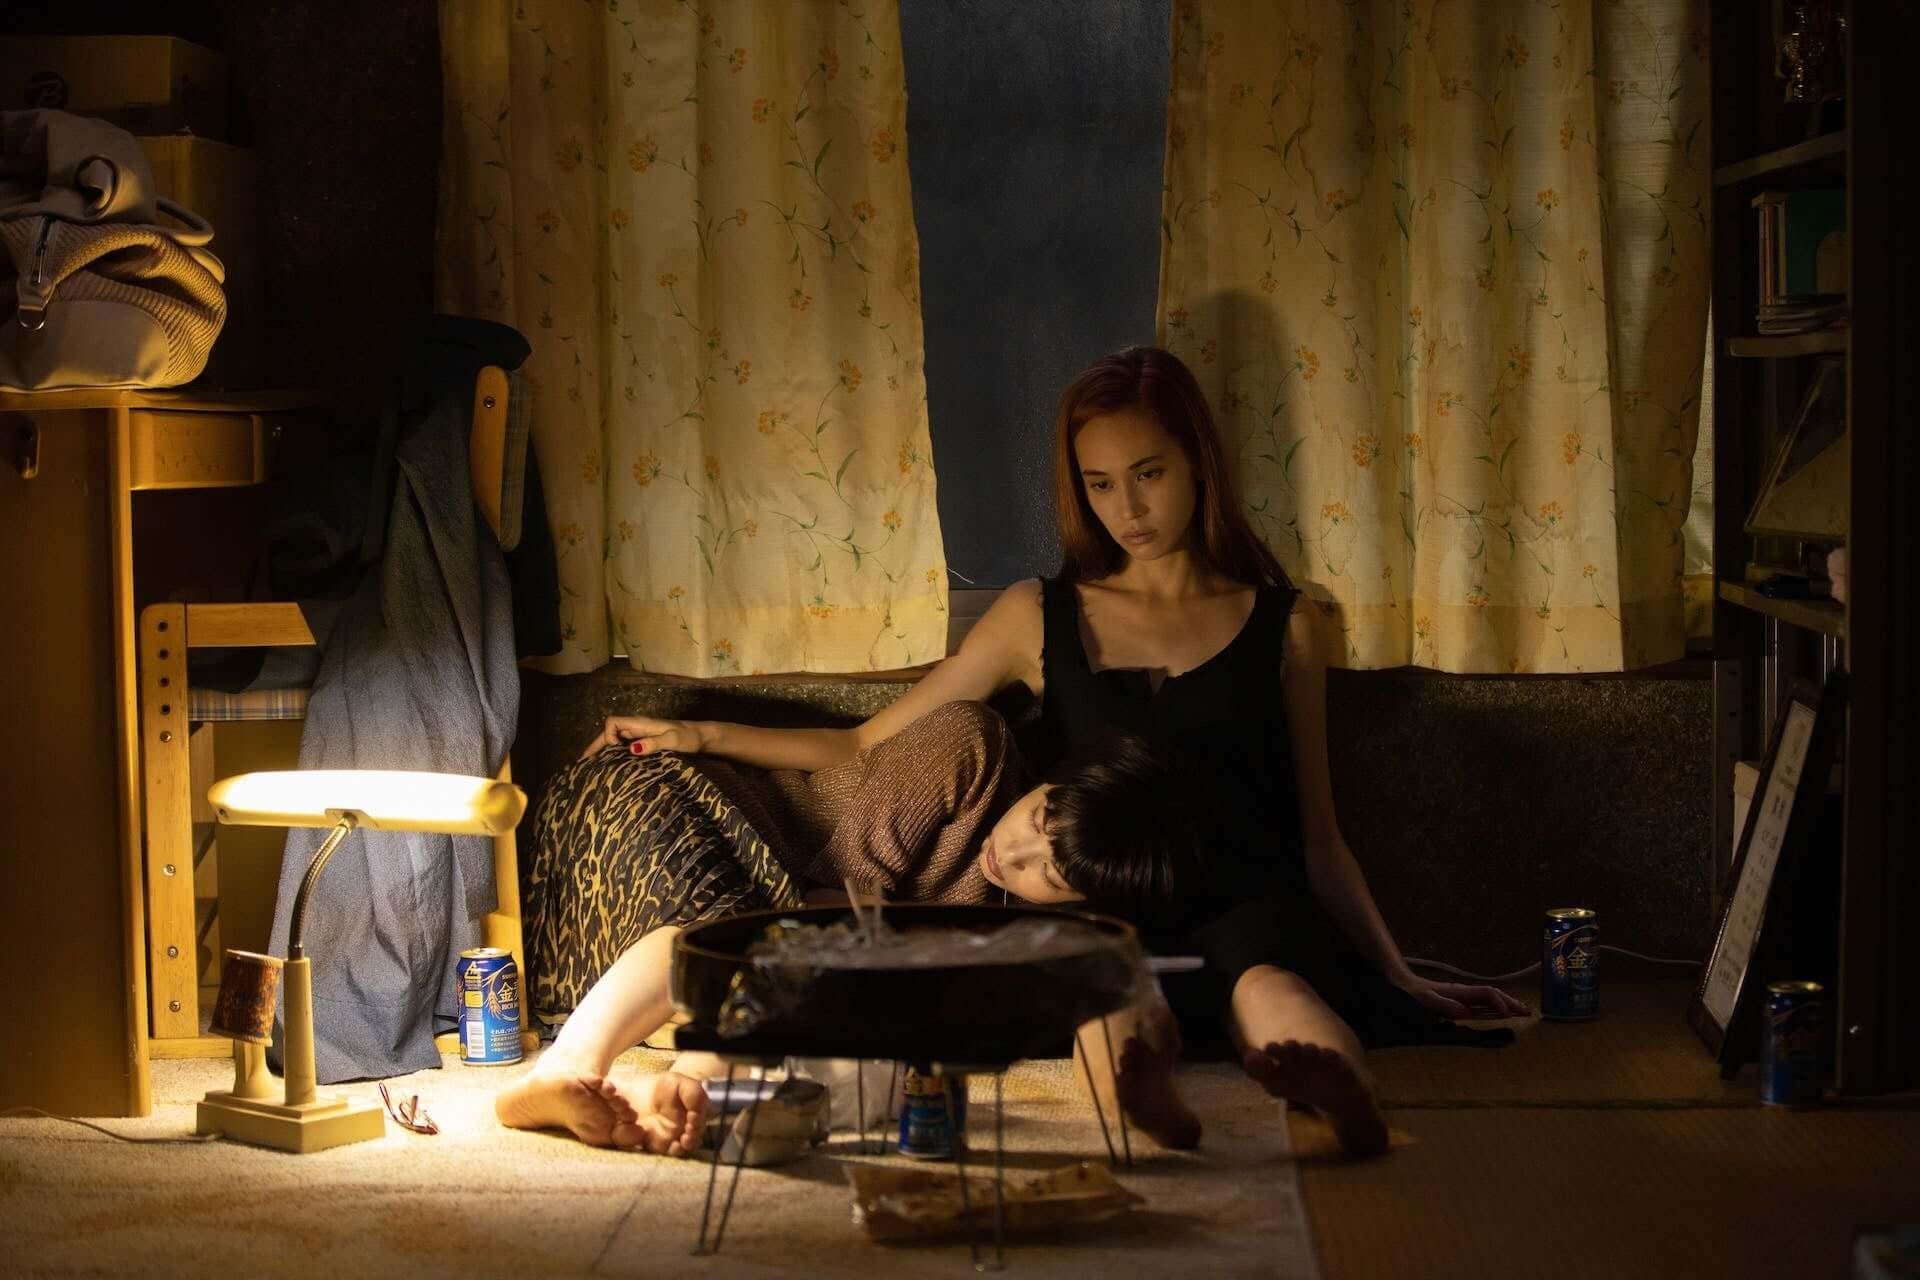 水原希子とさとうほなみ演じる2人の愛の行方とは…Netflix映画『彼女』のティーザー予告編&場面写真が解禁 film210224_netflix-kanojo_6-1920x1280